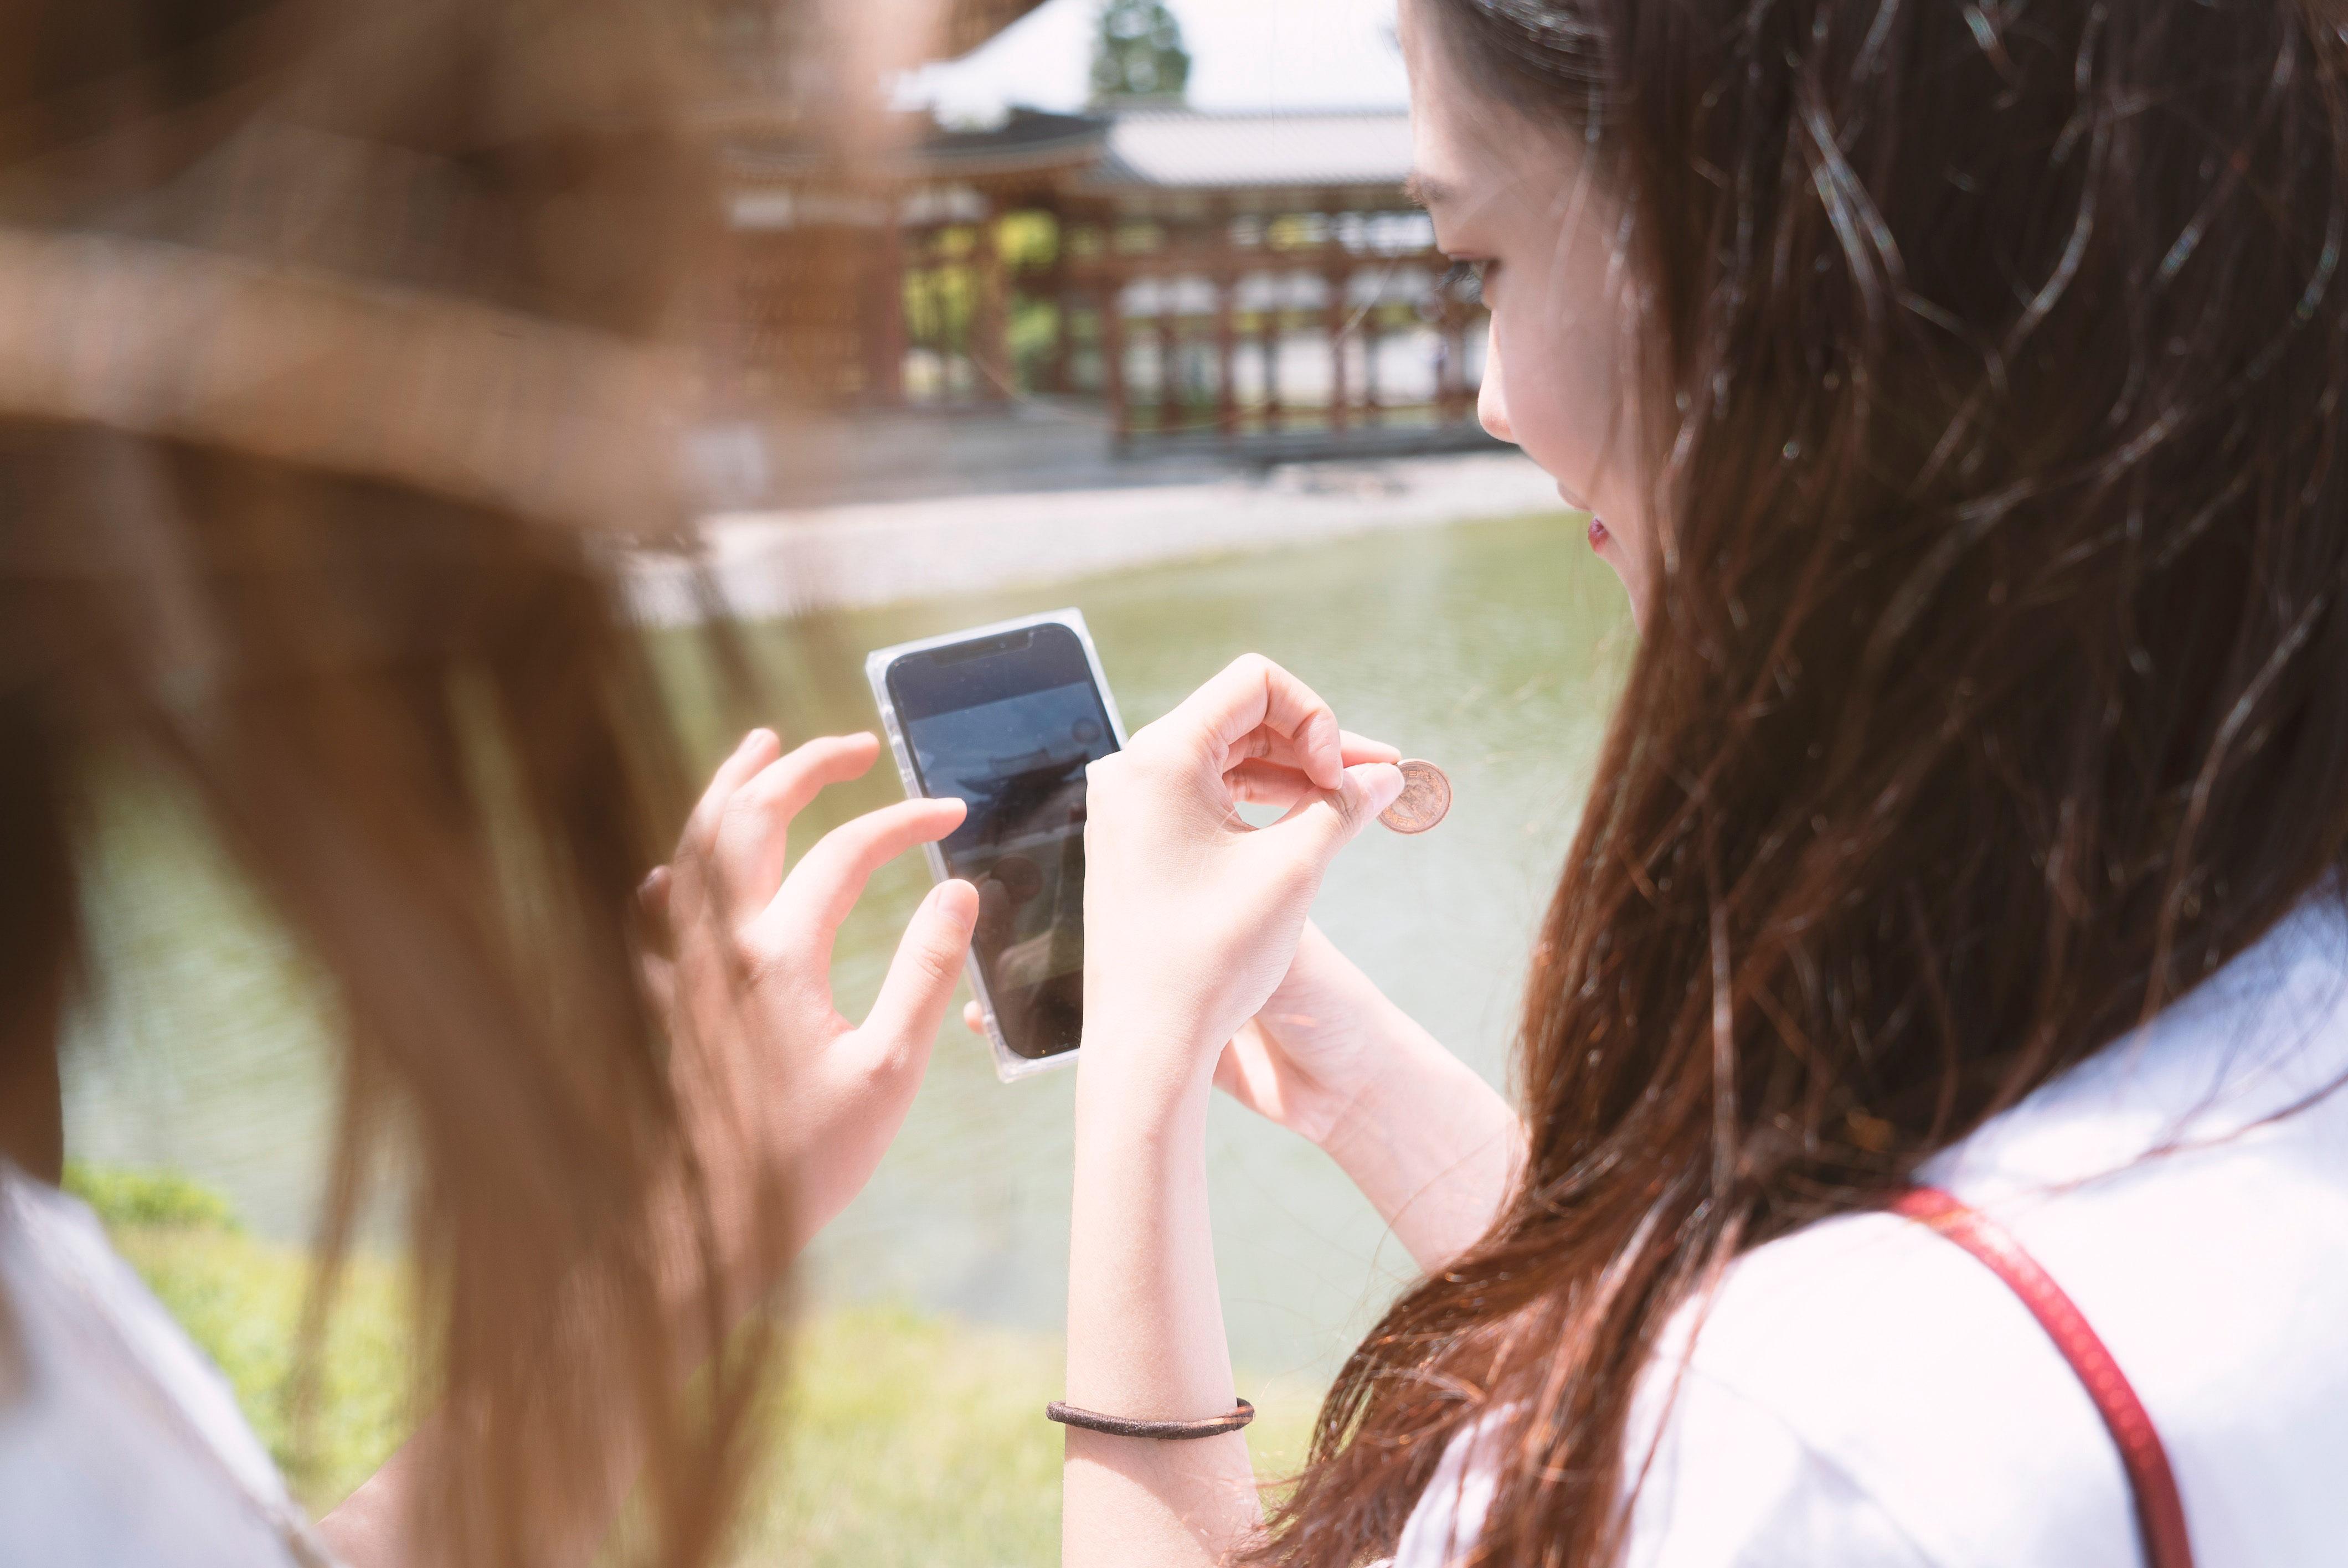 Unsere Selbstwahrnehmung wird durch Social Media stark beeinflusst